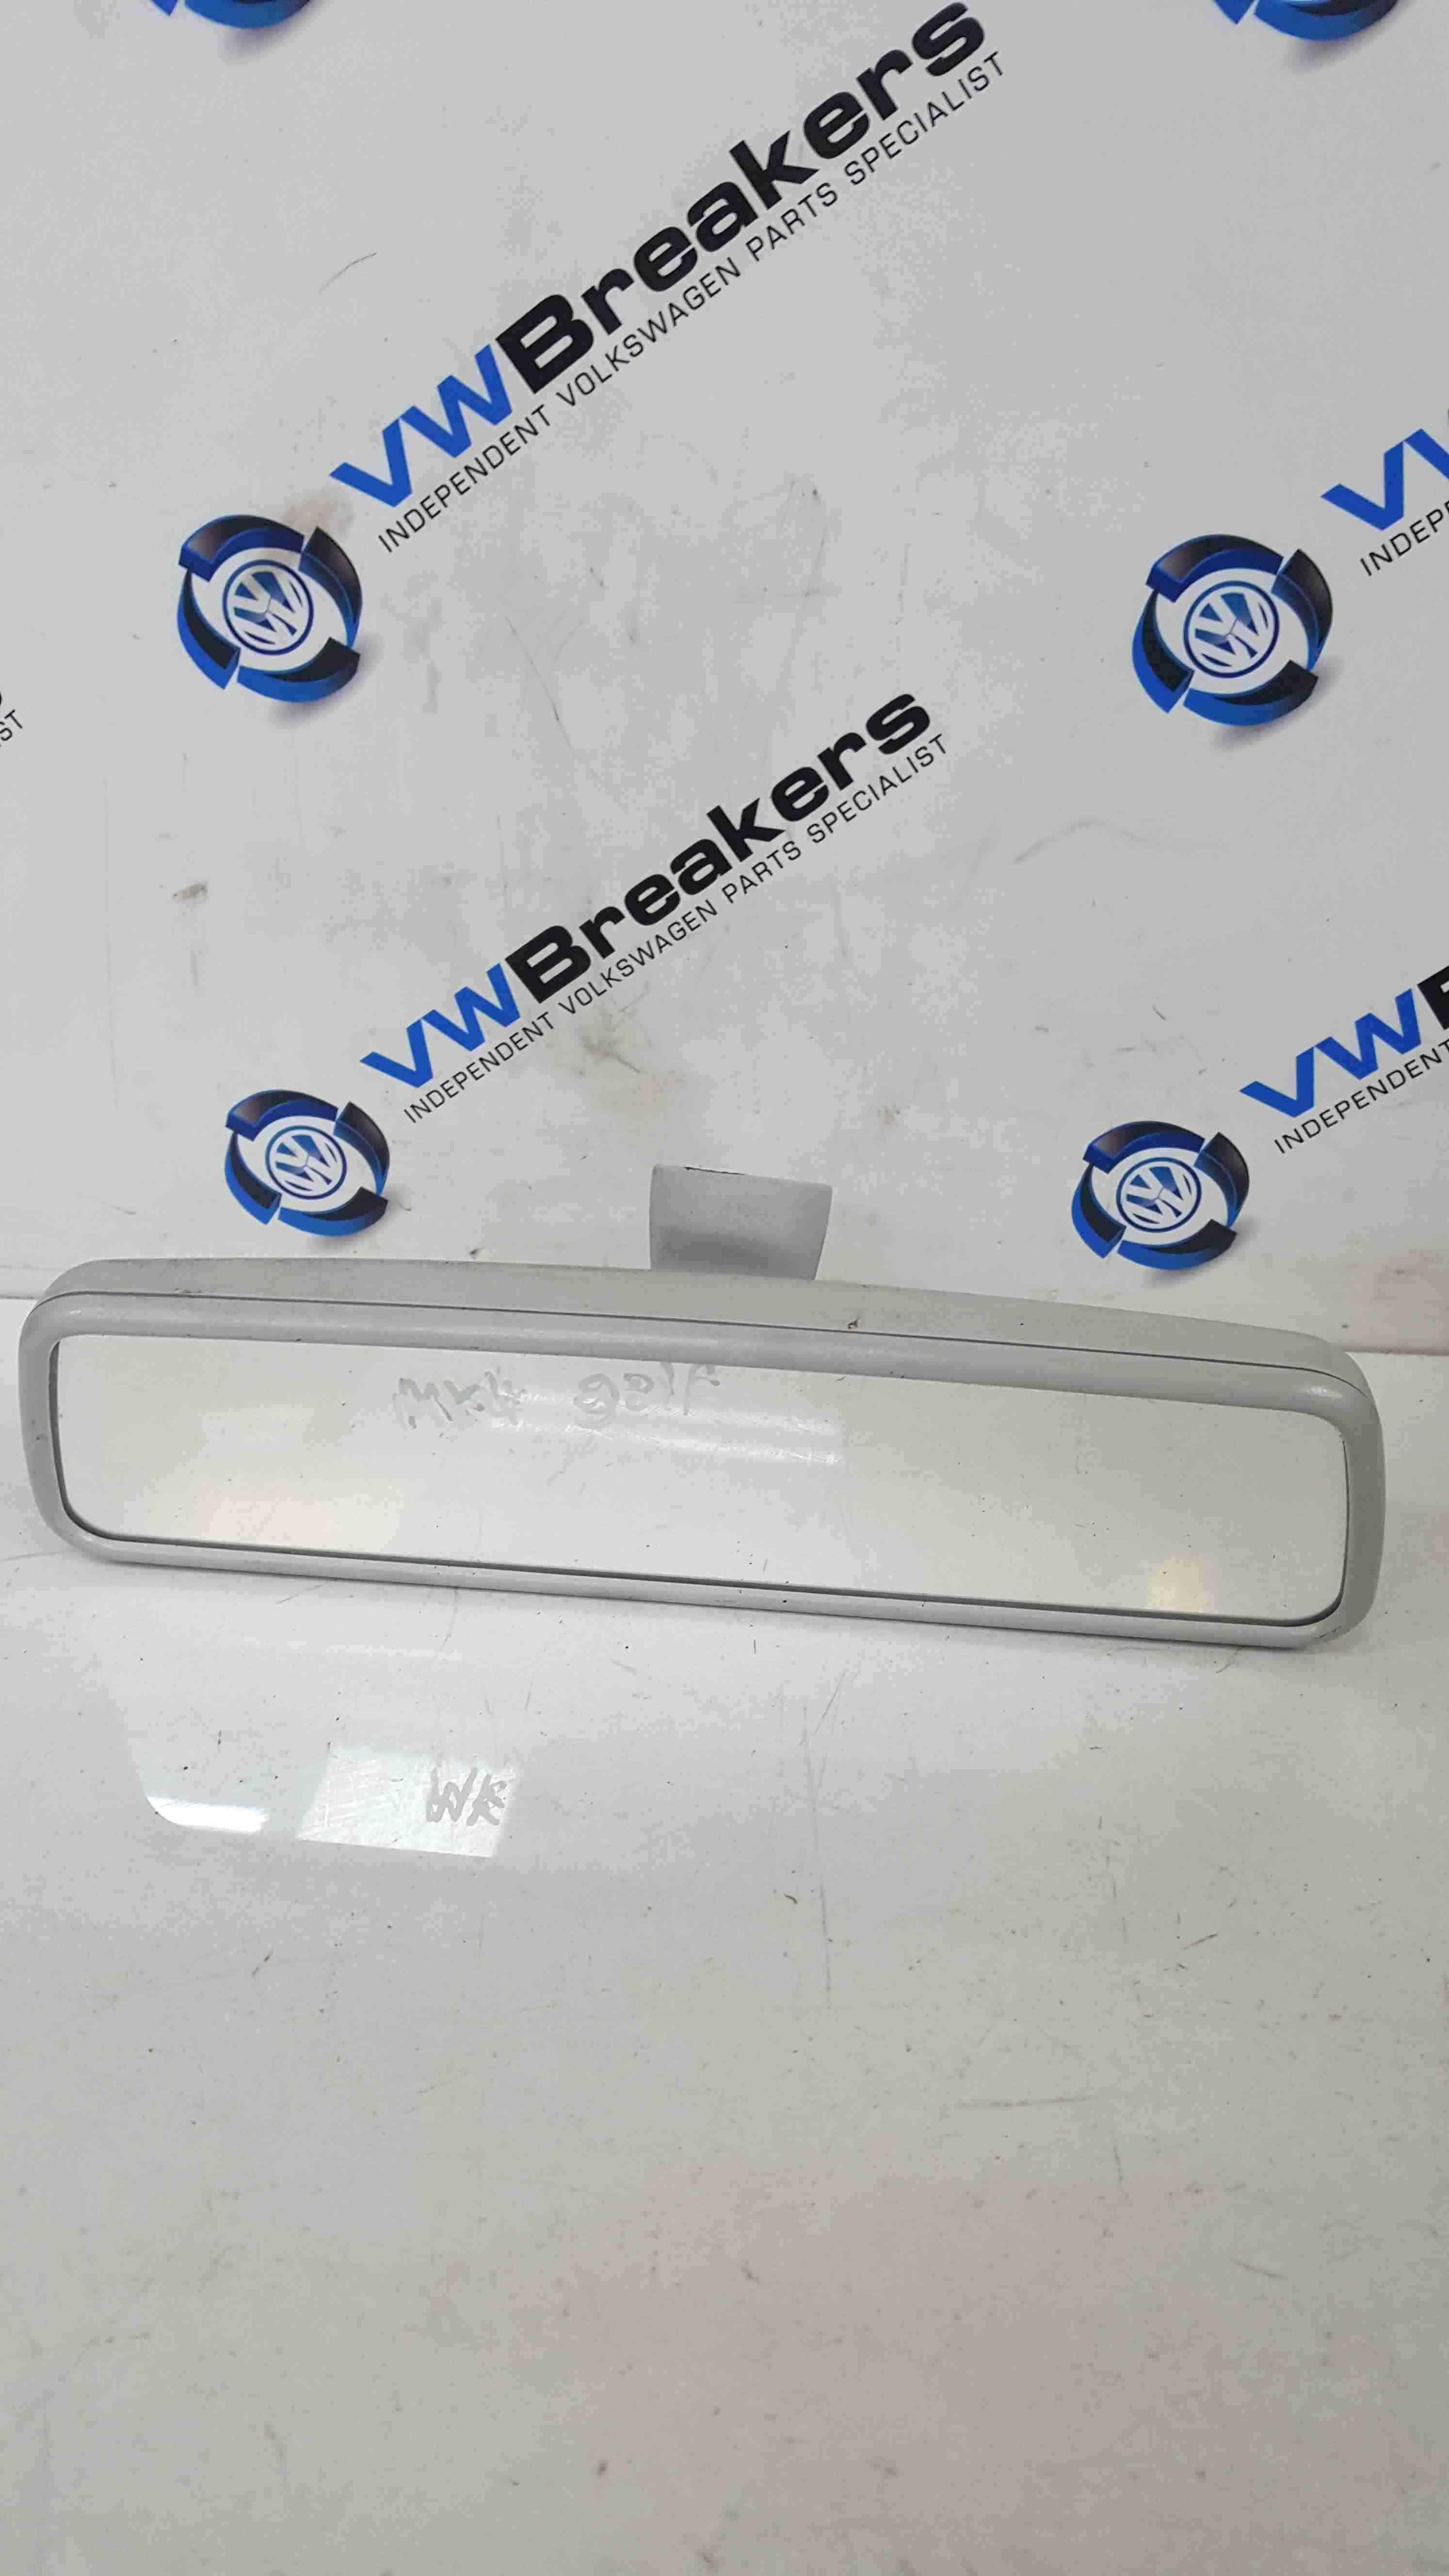 Volkswagen Golf MK4 1997-2004 Rear View Mirror Light Grey